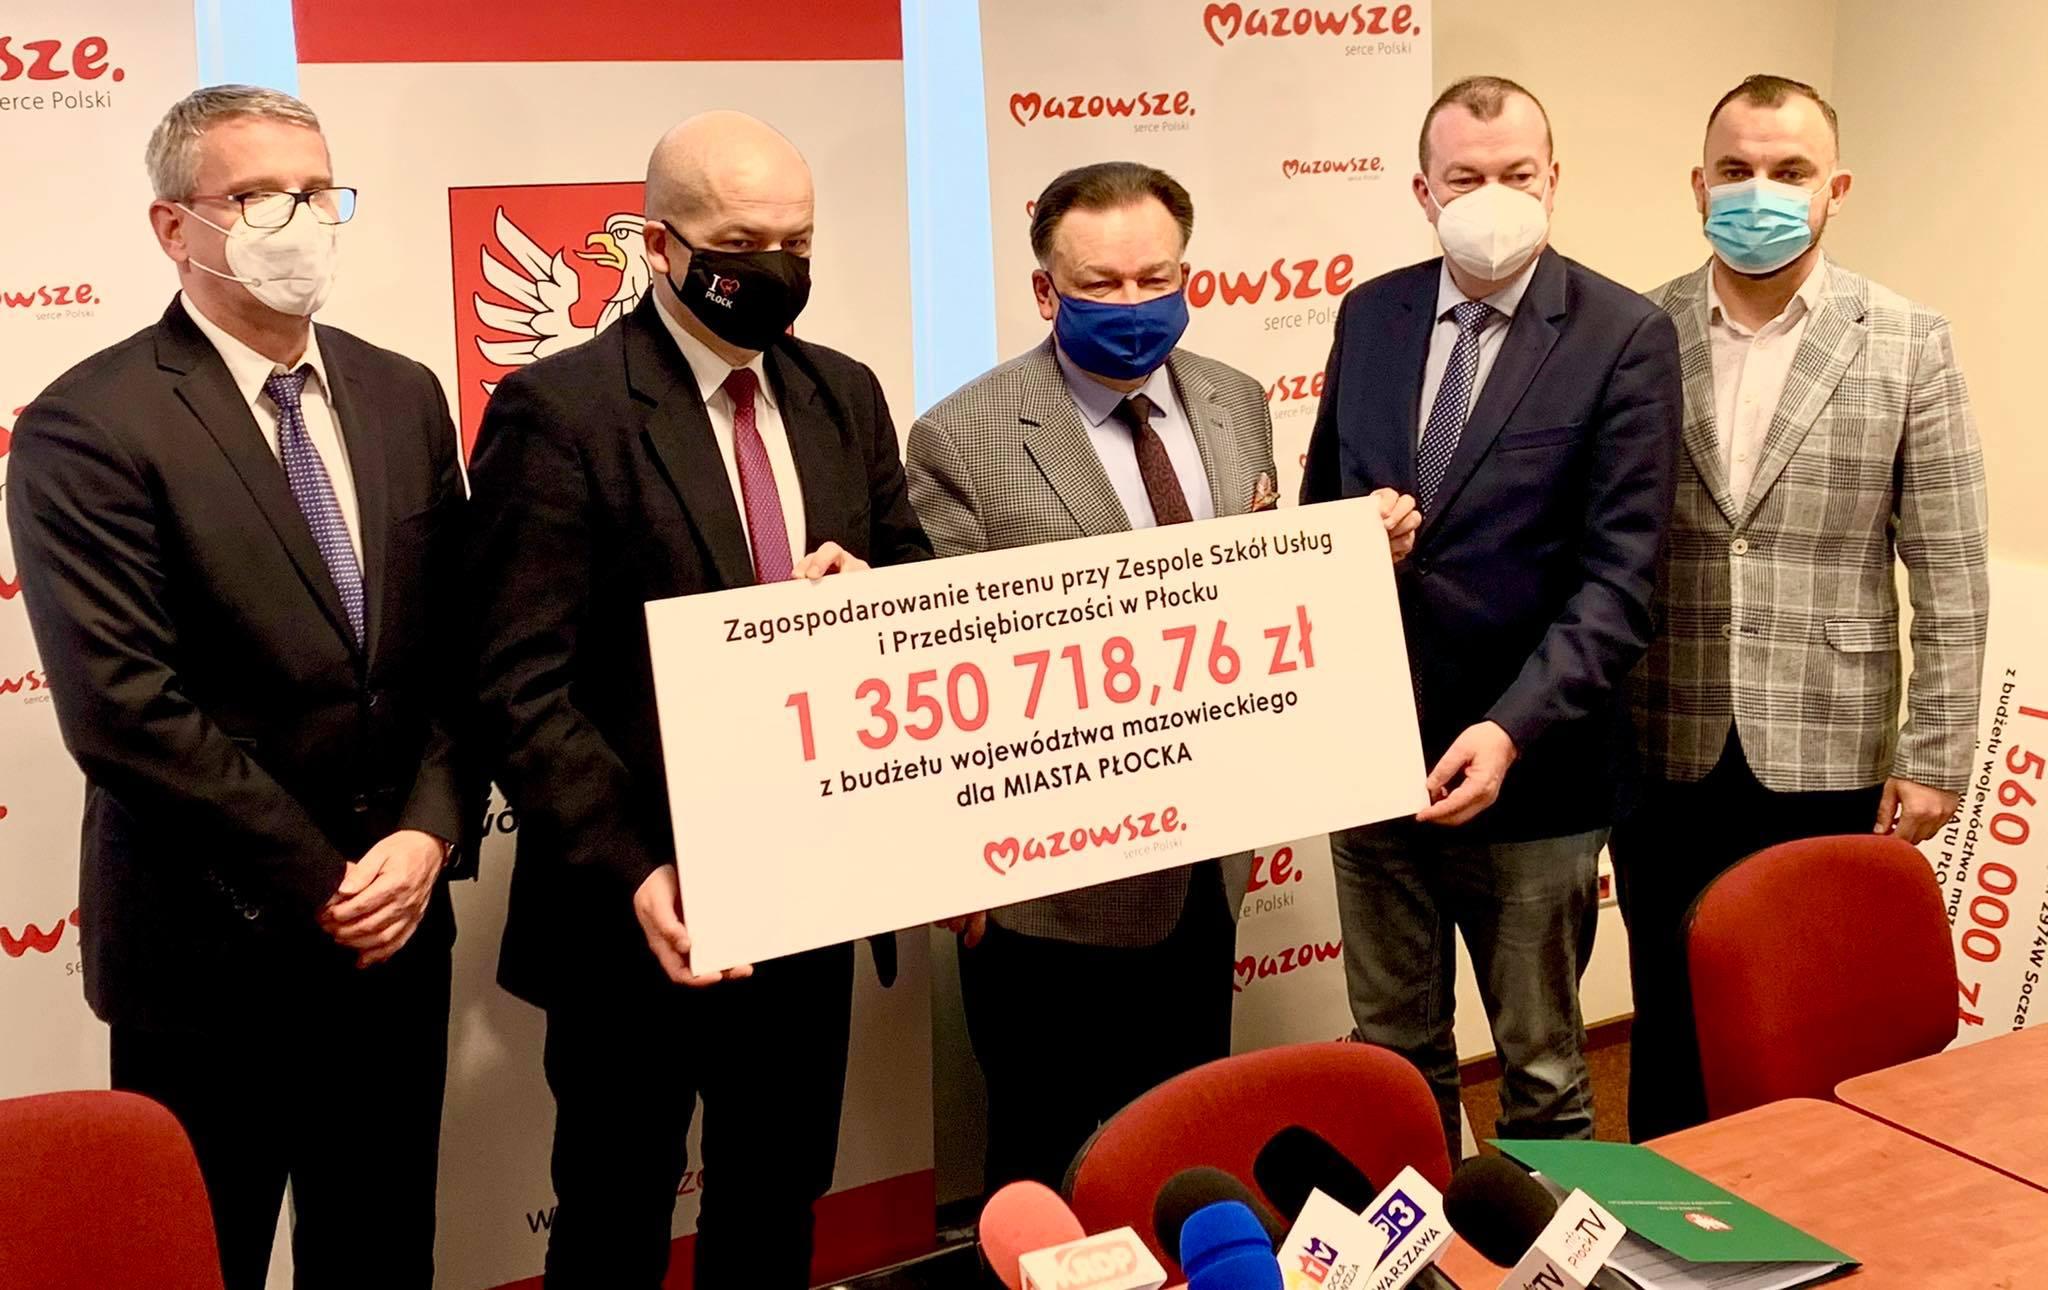 Nowe drogi, boisko i żłobek. Prawie 5 mln zł na inwestycje w Płocku i regionie - Zdjęcie główne